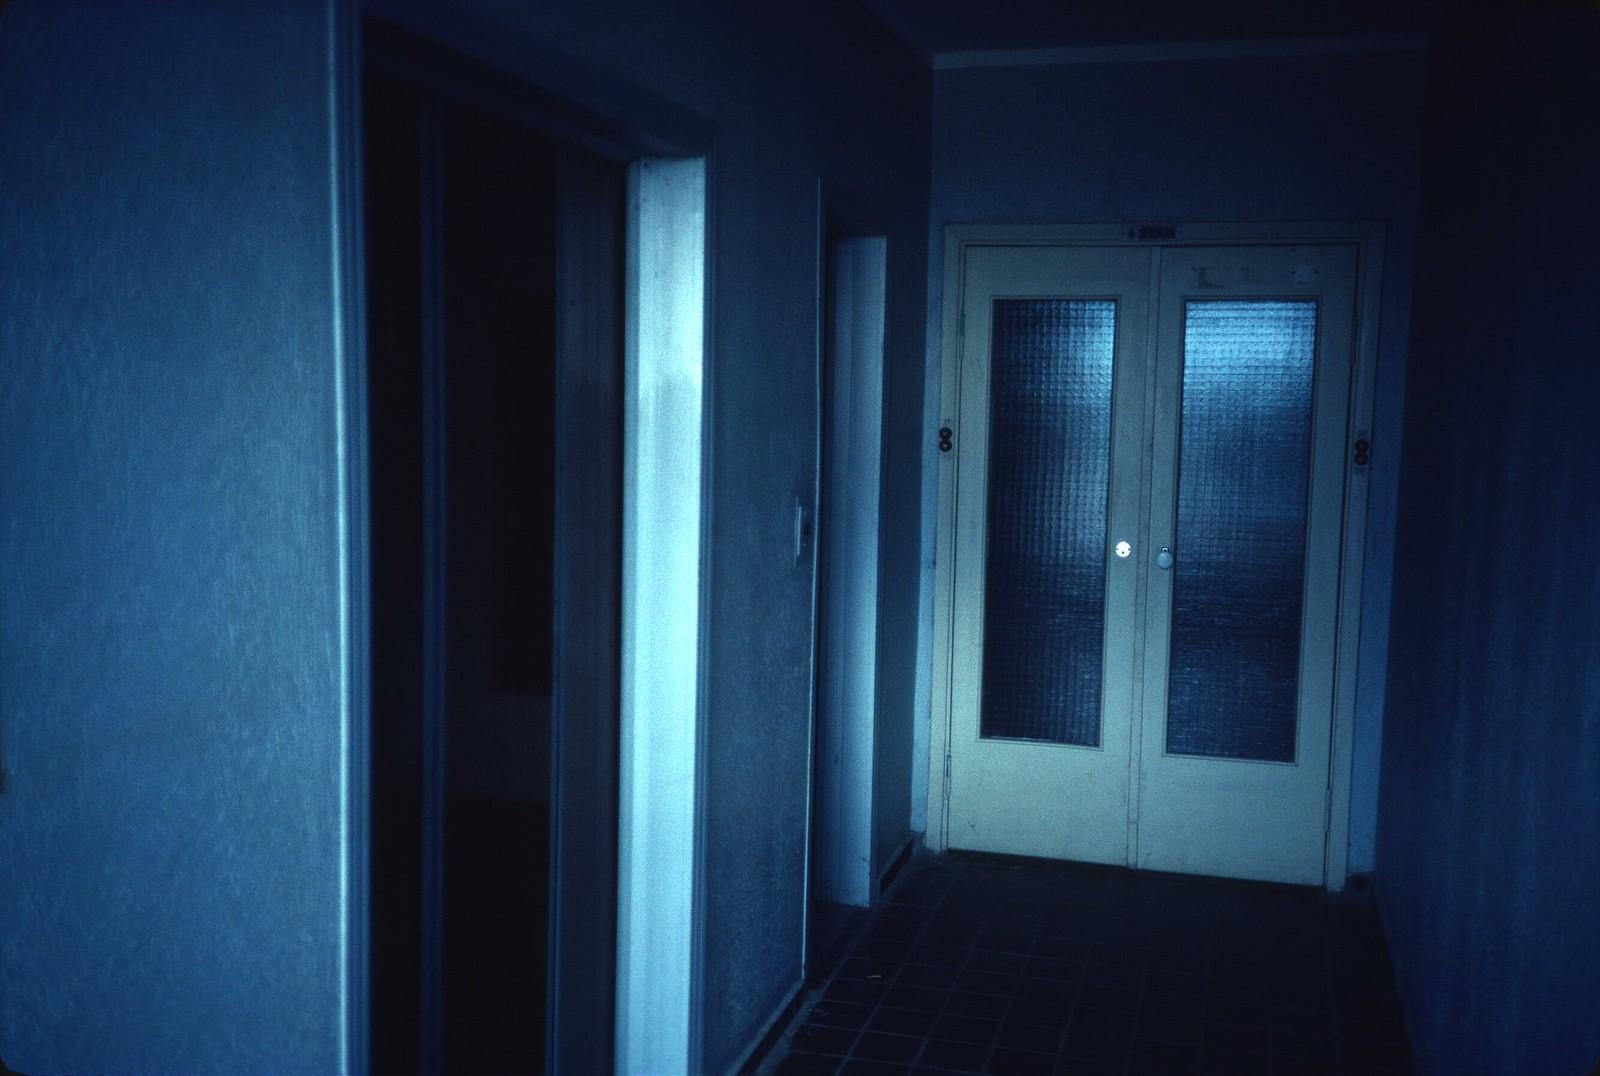 Раменки. Улица Лобачевского 100, корпус 2, подъезд 8, 4-й этаж, лифт